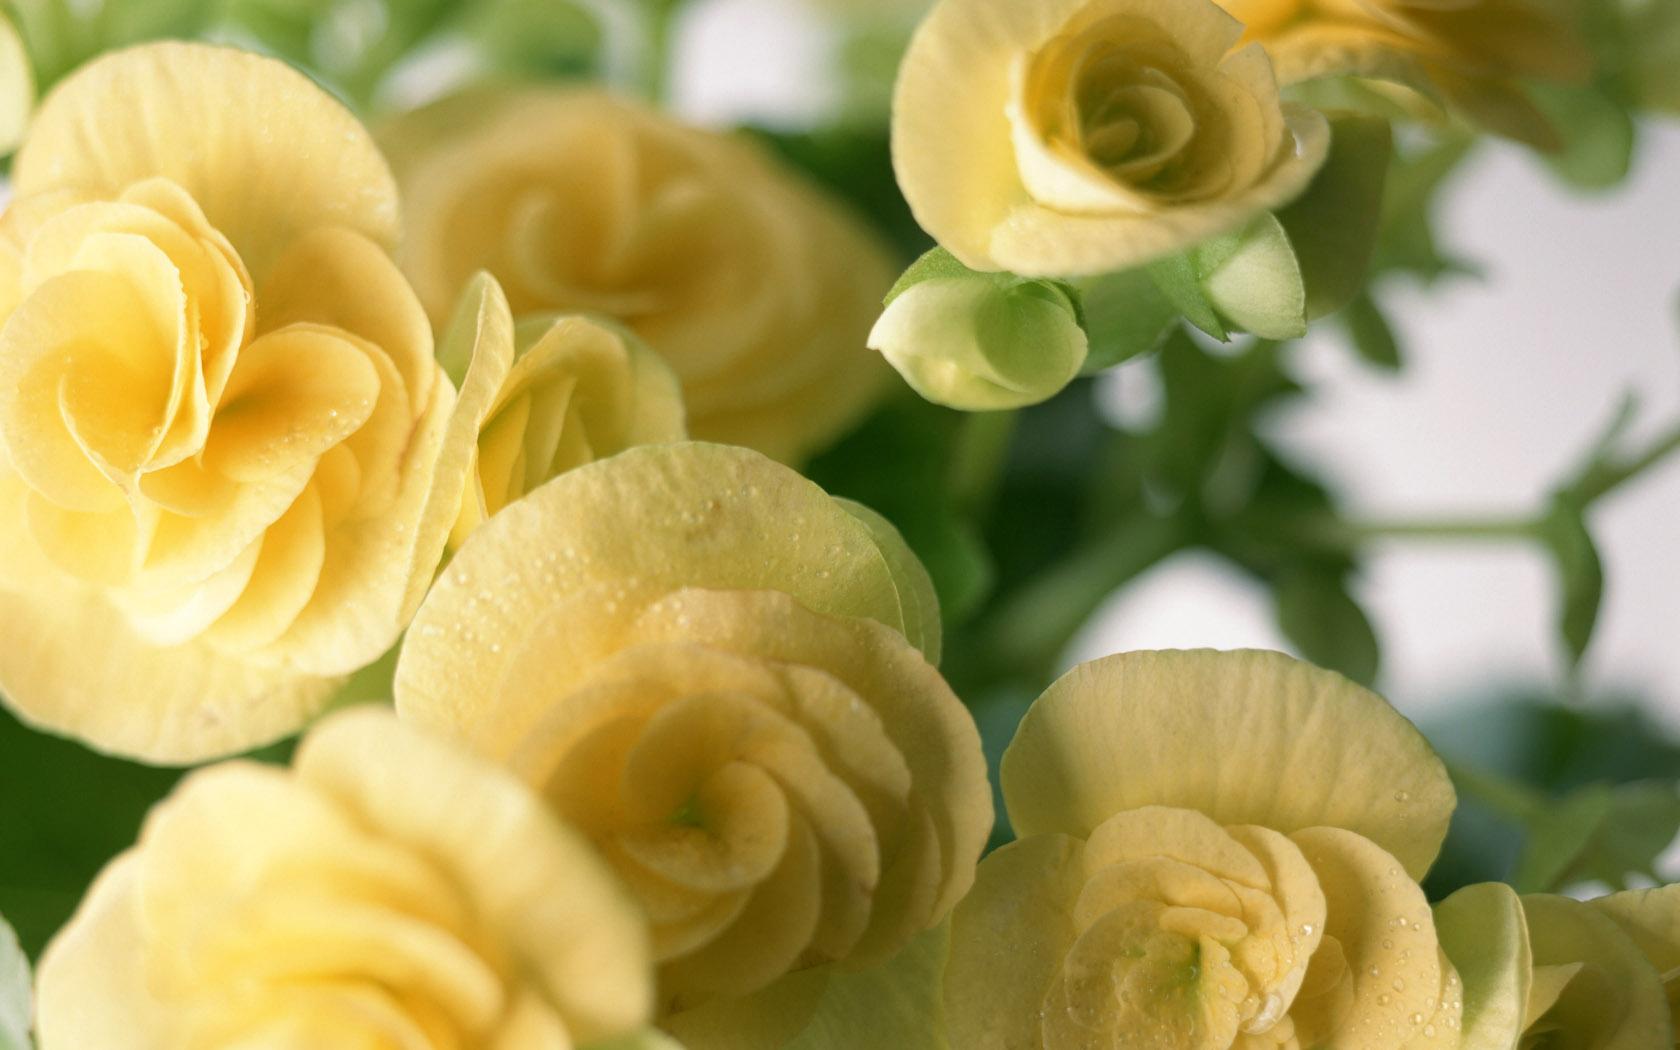 屏 鲜花锦簇 壁纸29壁纸,20寸宽屏 鲜花锦簇壁纸图片 -20寸宽屏 鲜